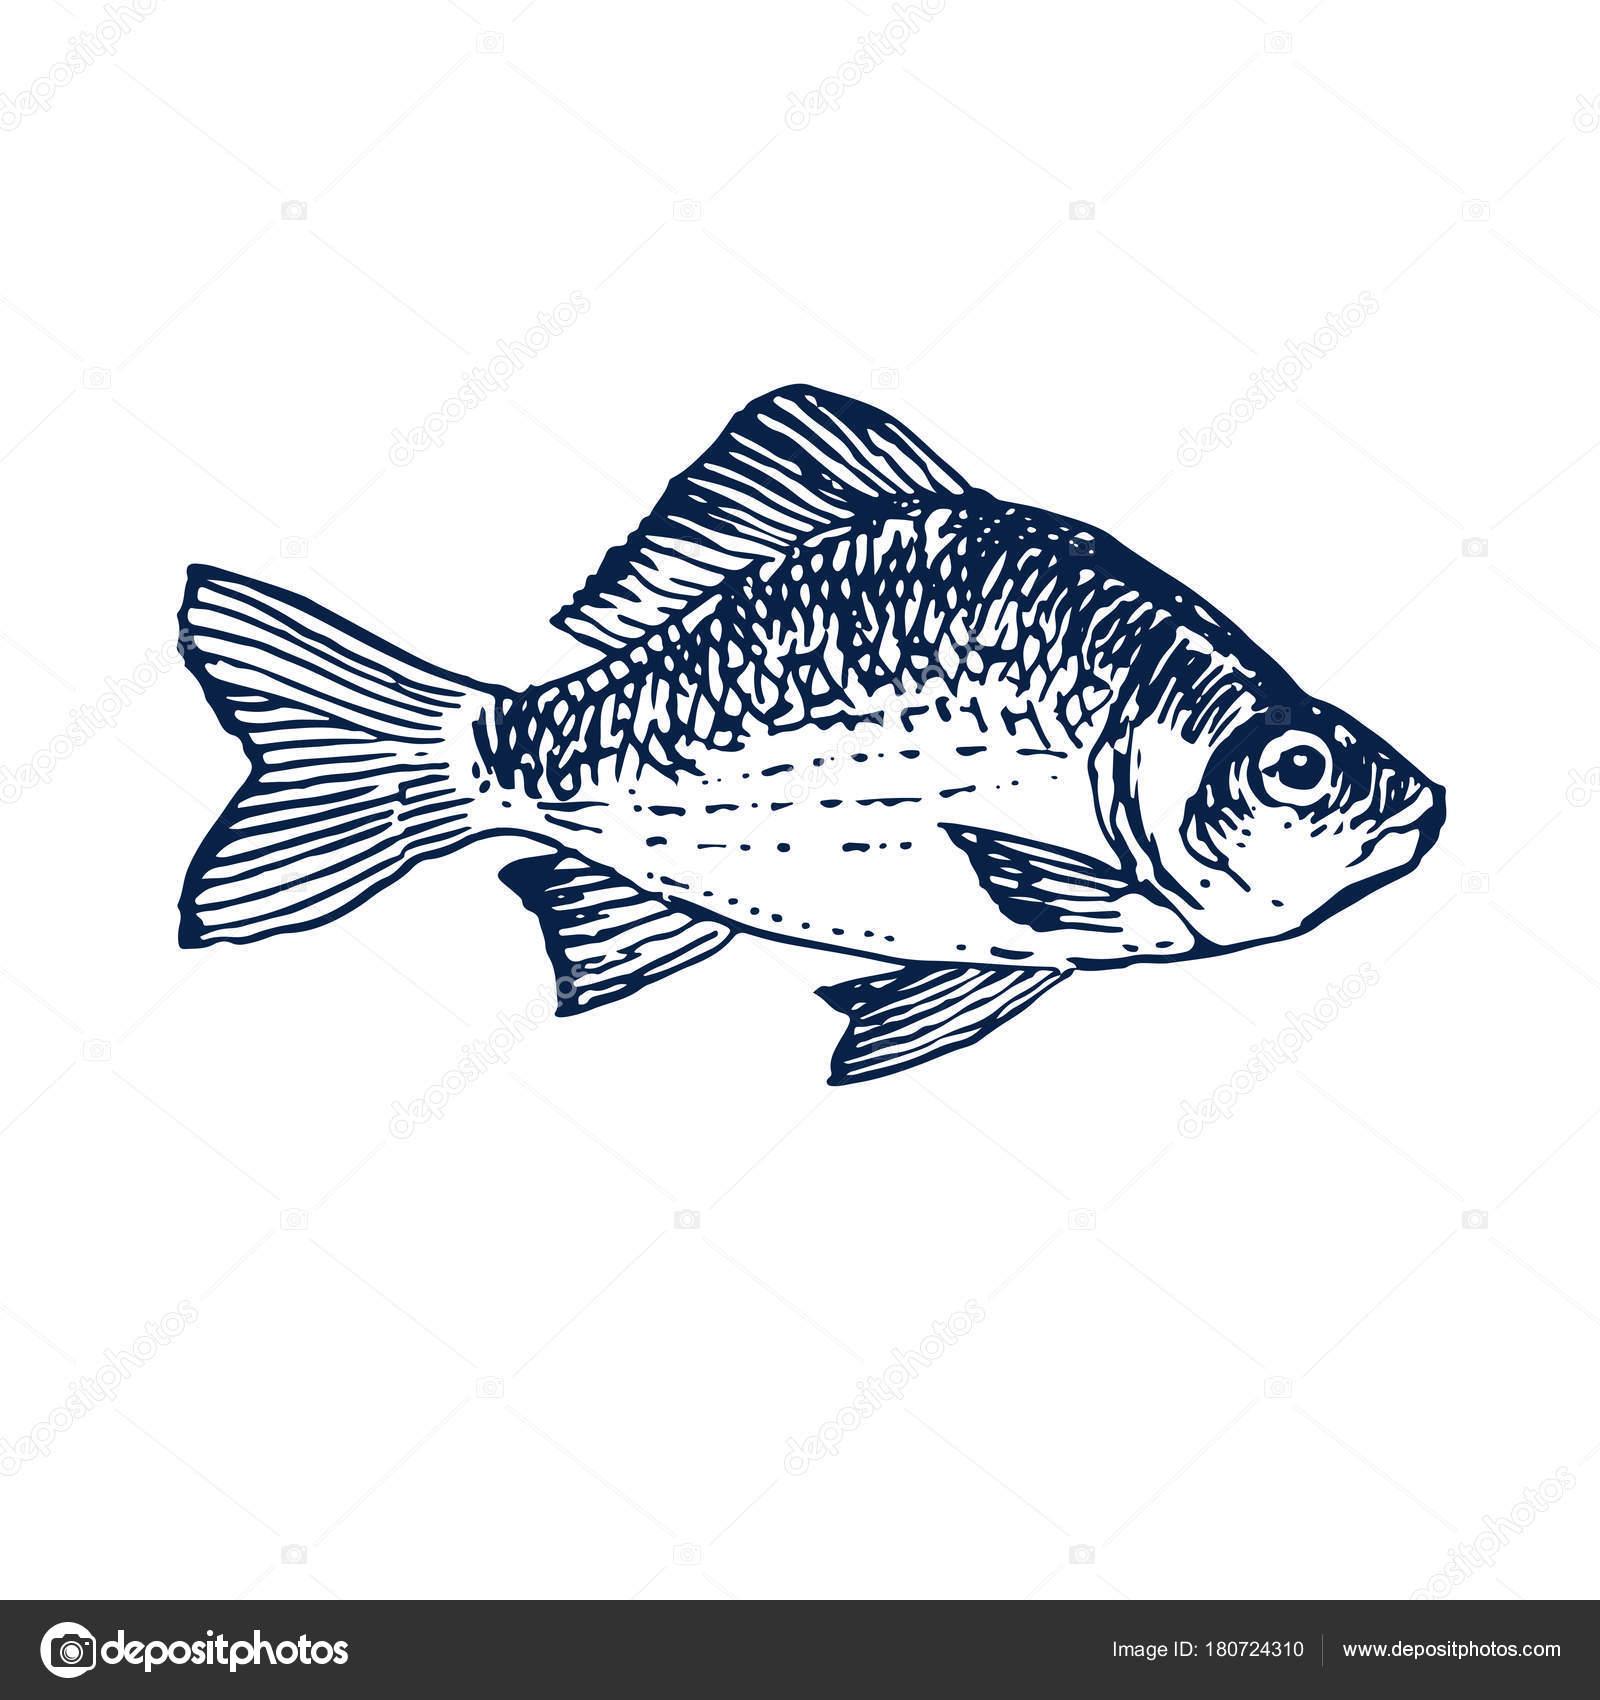 Tinte Handgezeichneten Meer Fische Abbildung Grundrissskizze Für ...